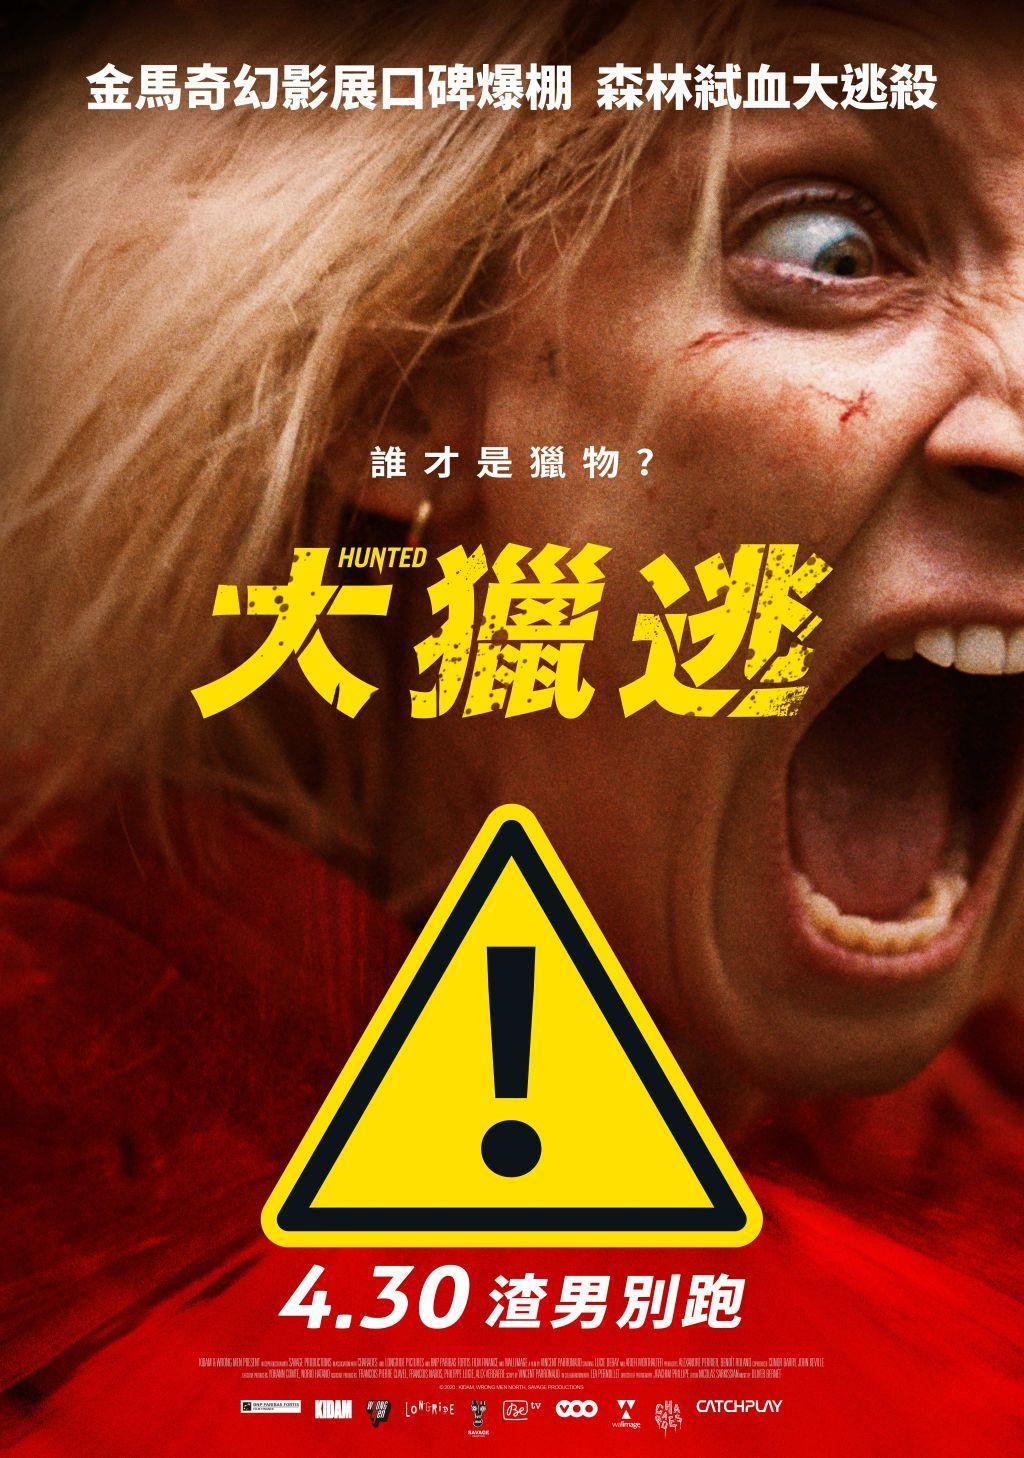 [藍光][繁中]大獵逃(1080P)上映日期:2021-04-30